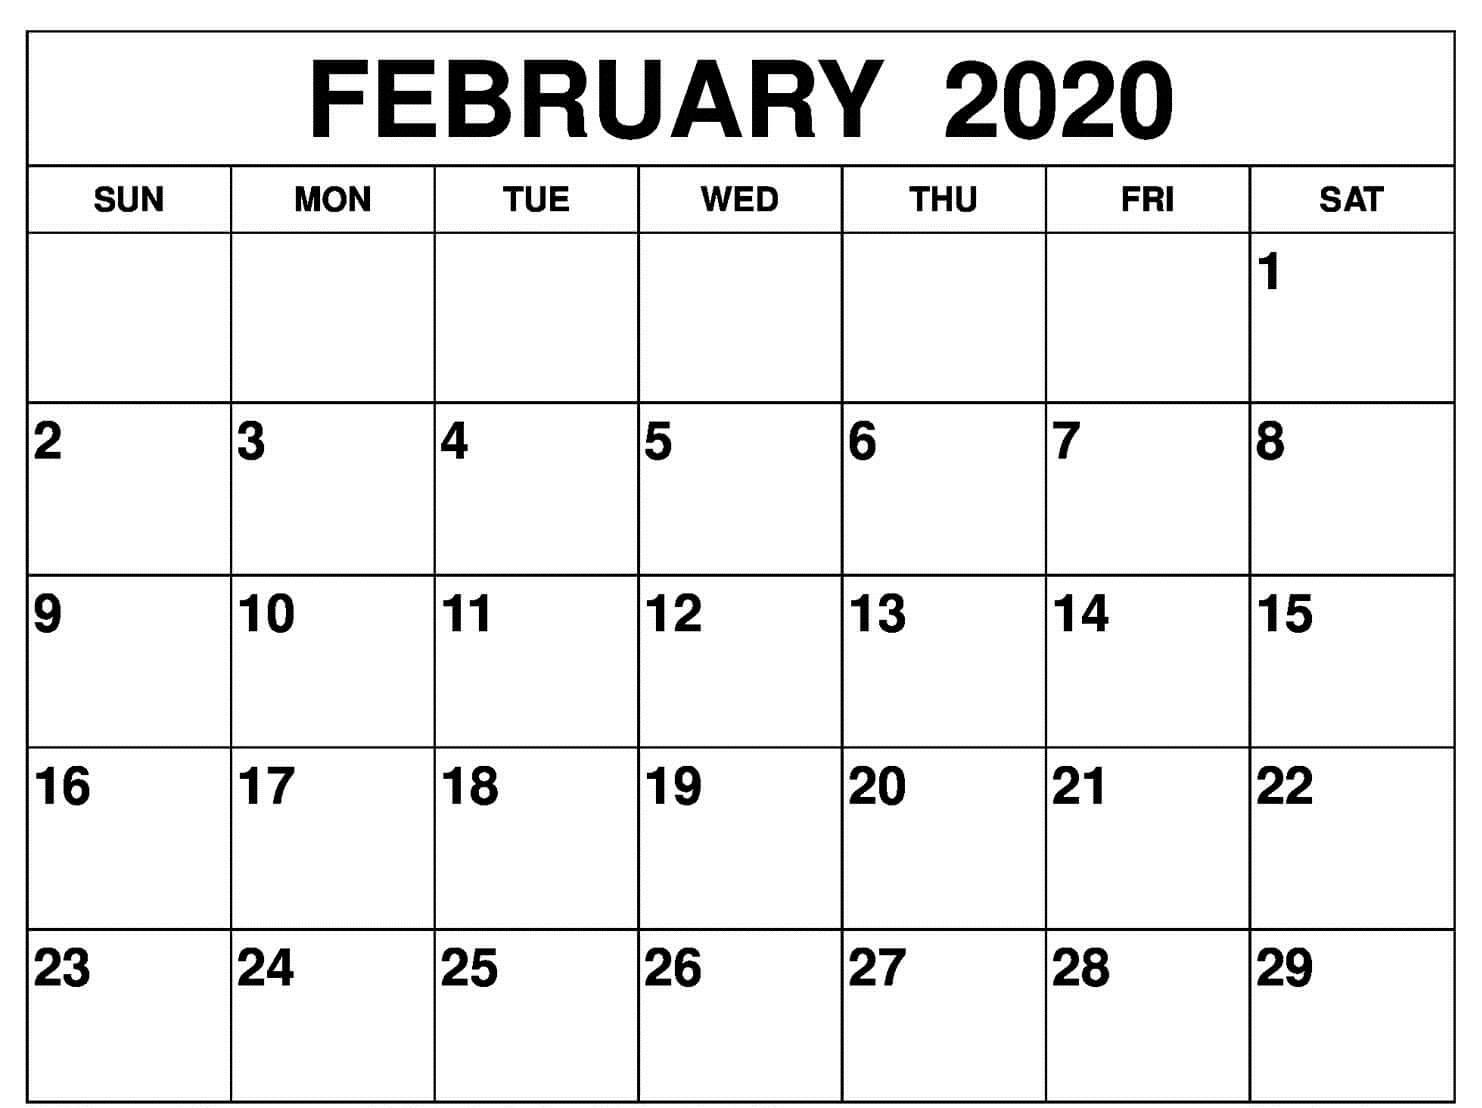 February 2020 Calendar Excel